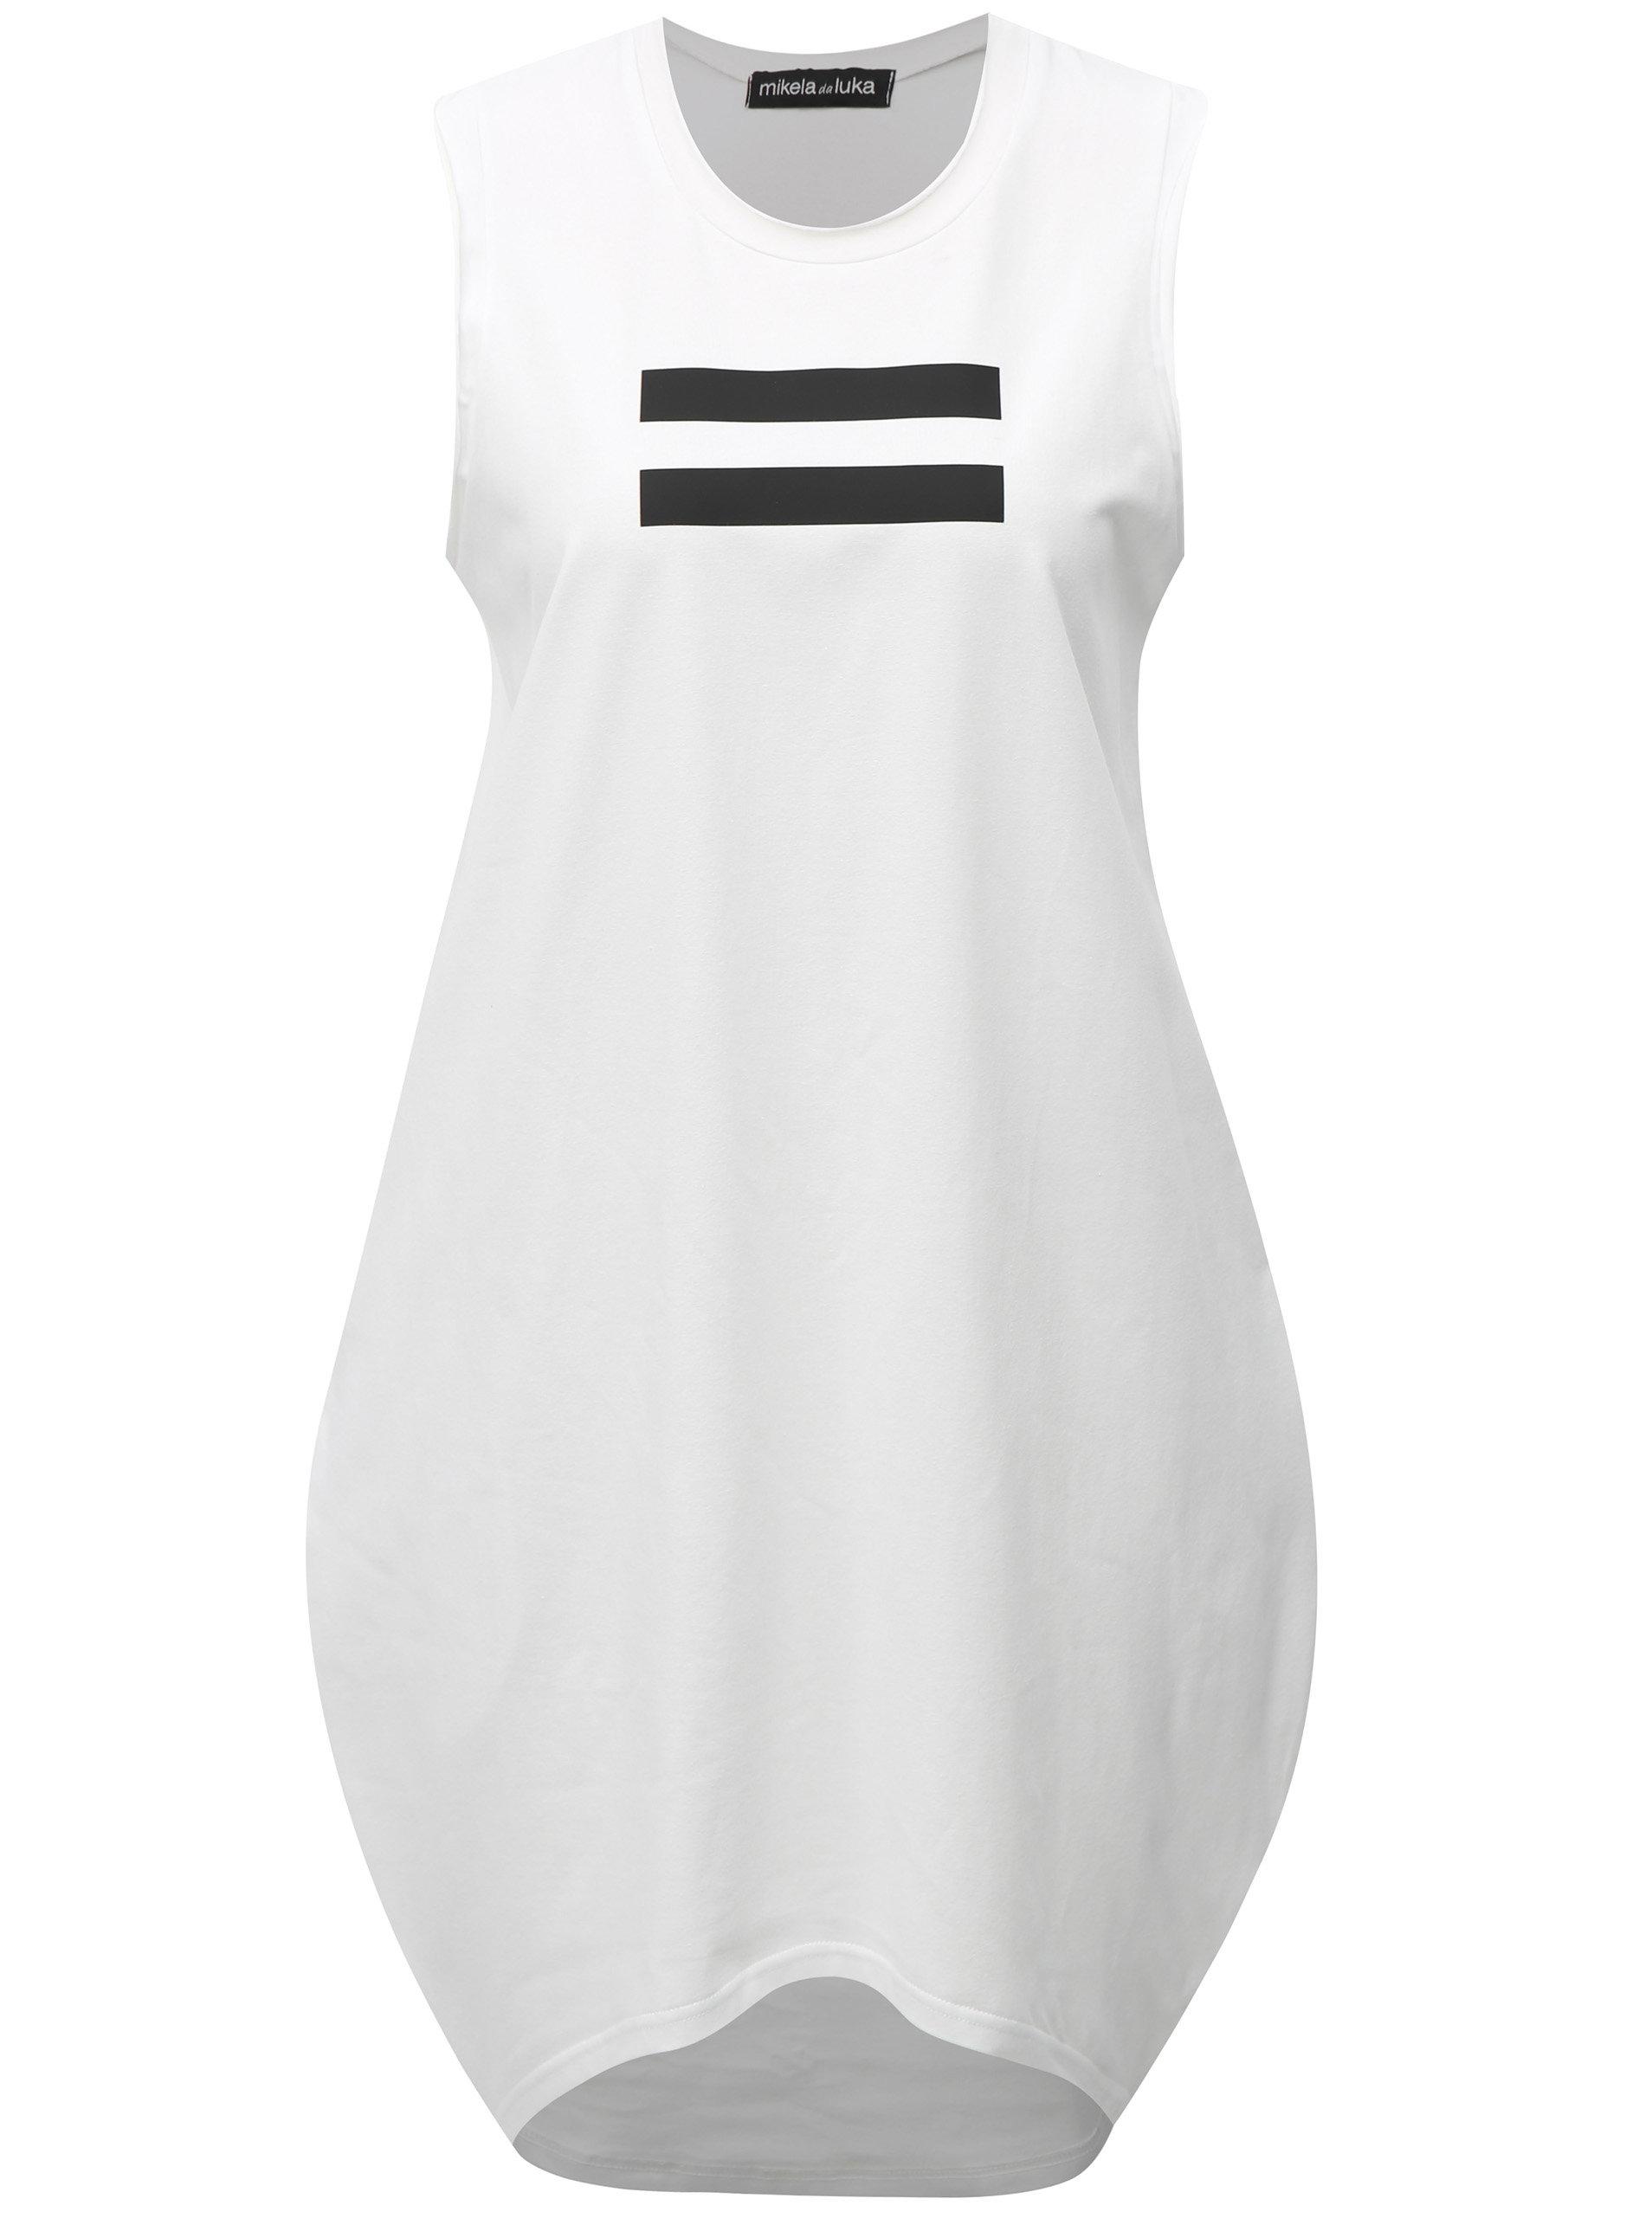 3439d2e69489 Bílé balónové šaty s černým potiskem Mikela da Luka ...